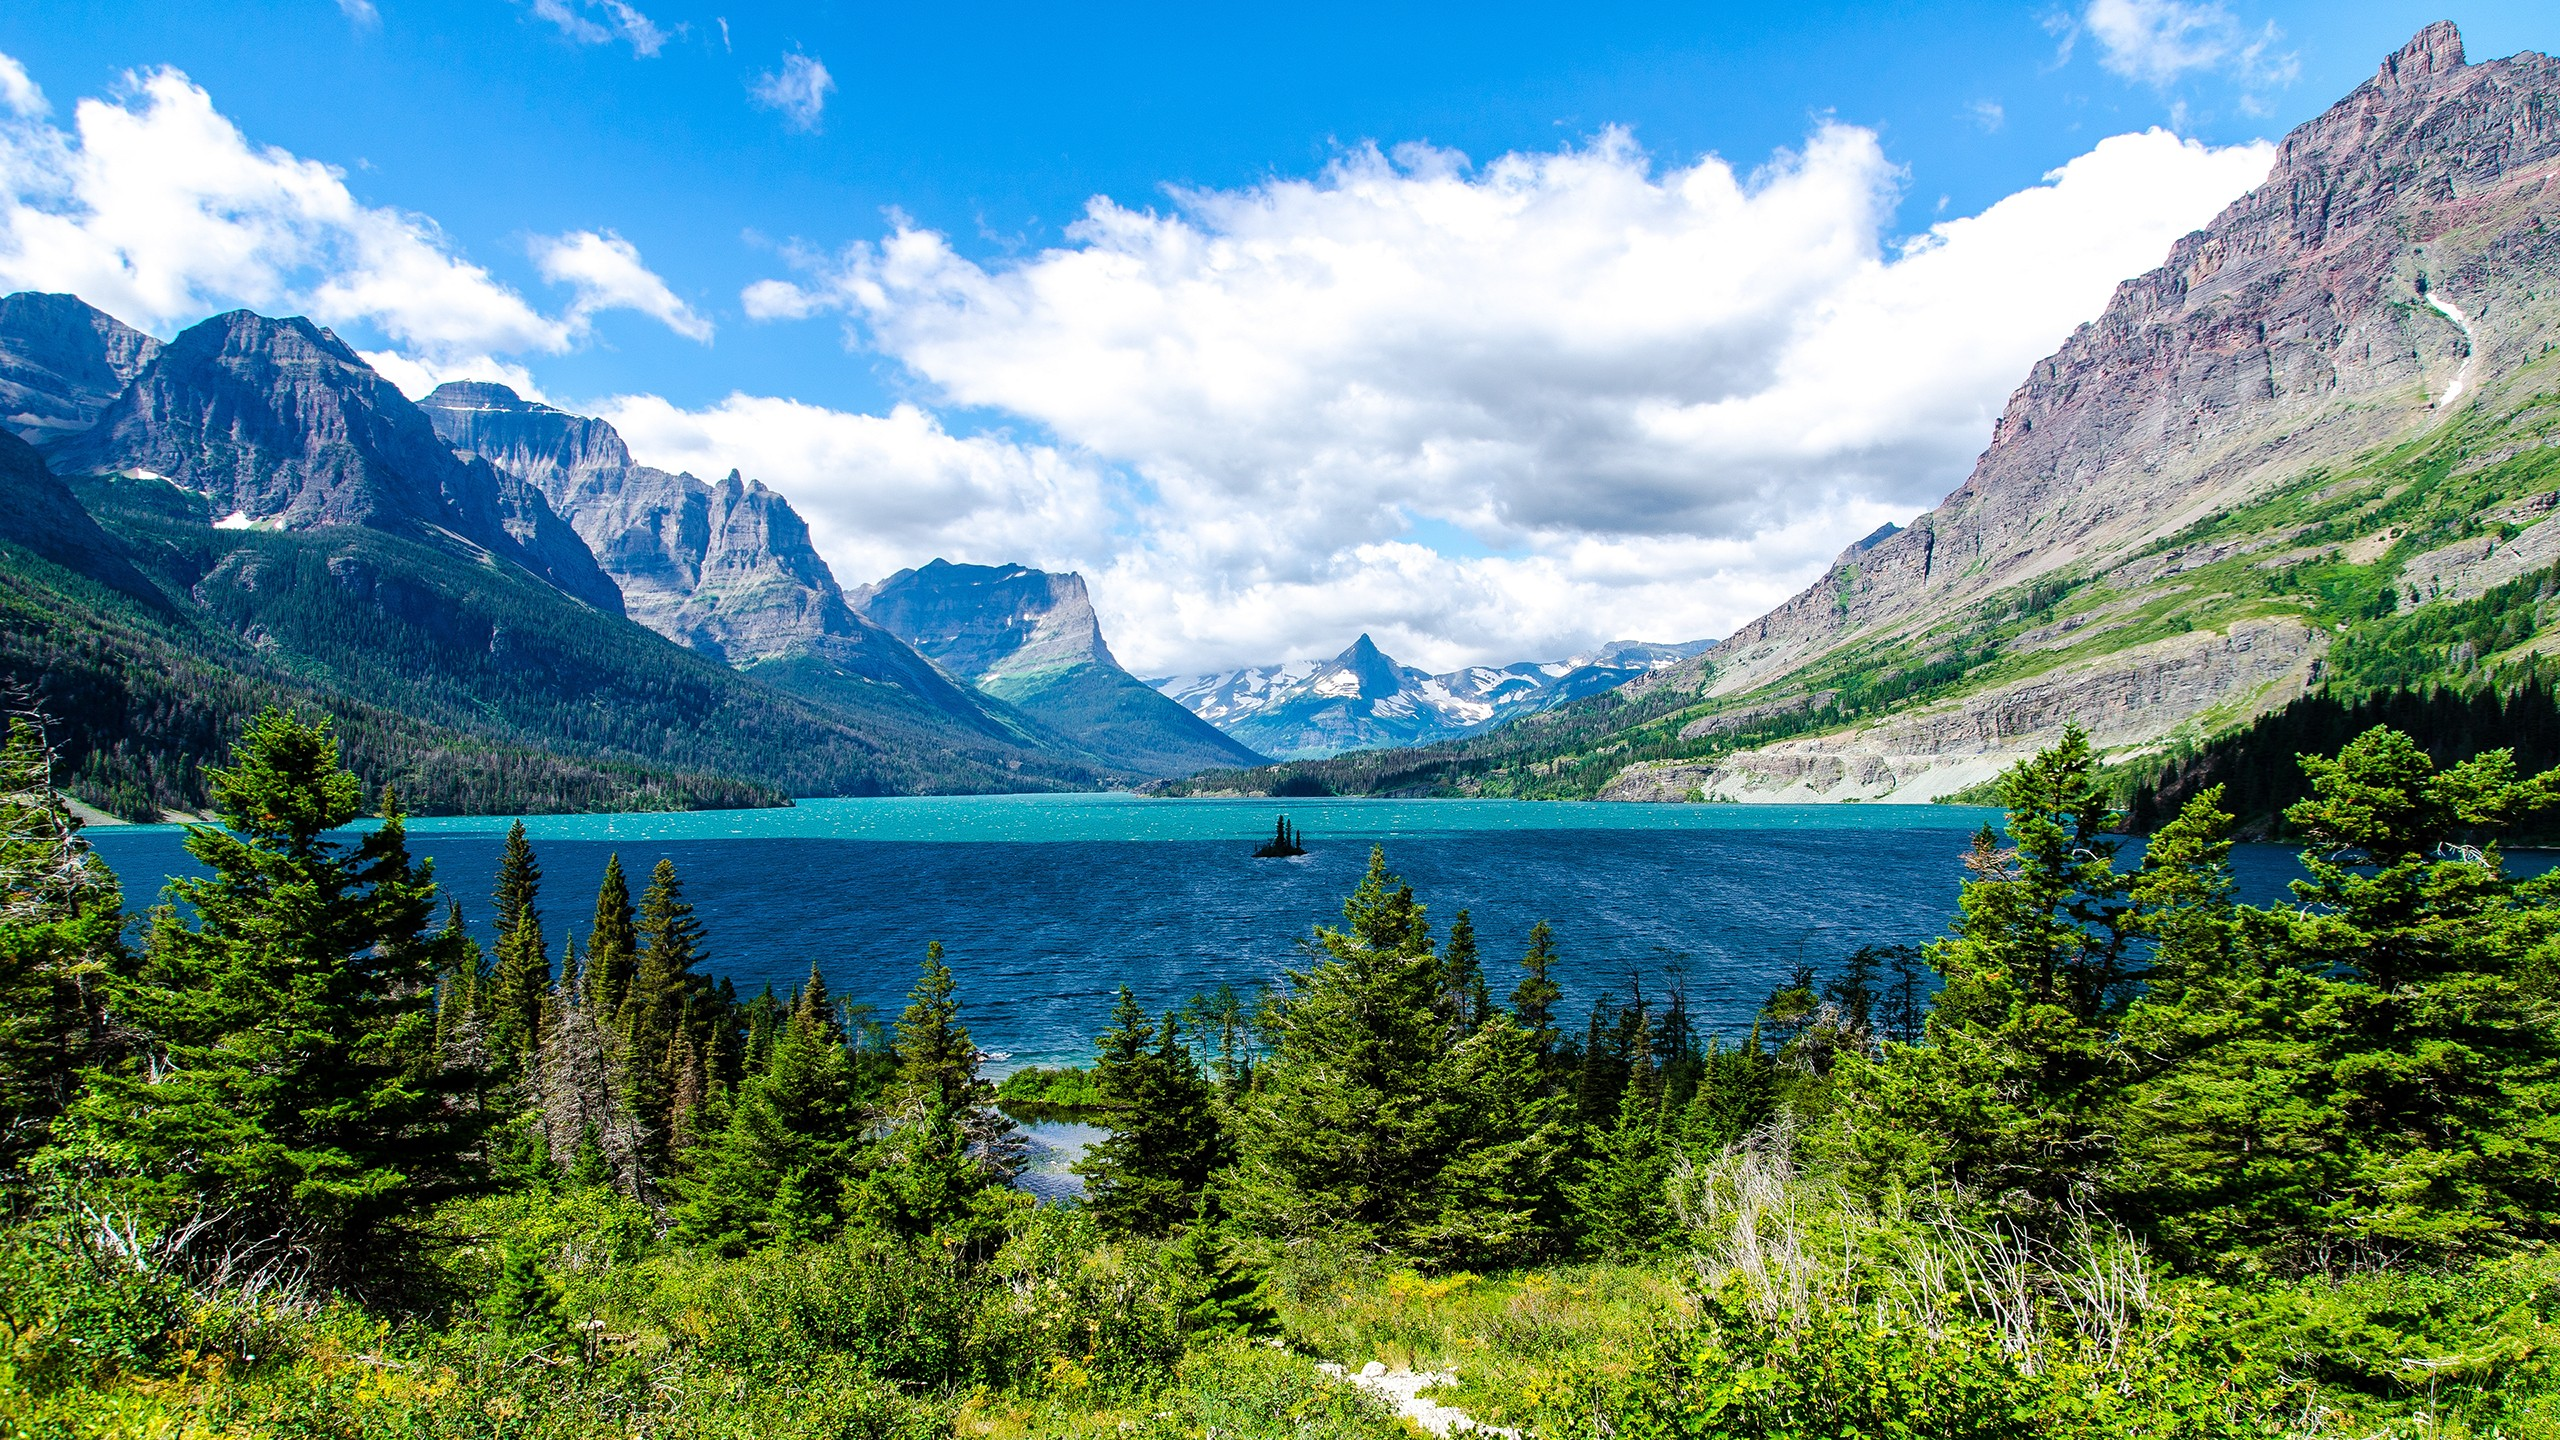 Glacier National Park was established in 1910.